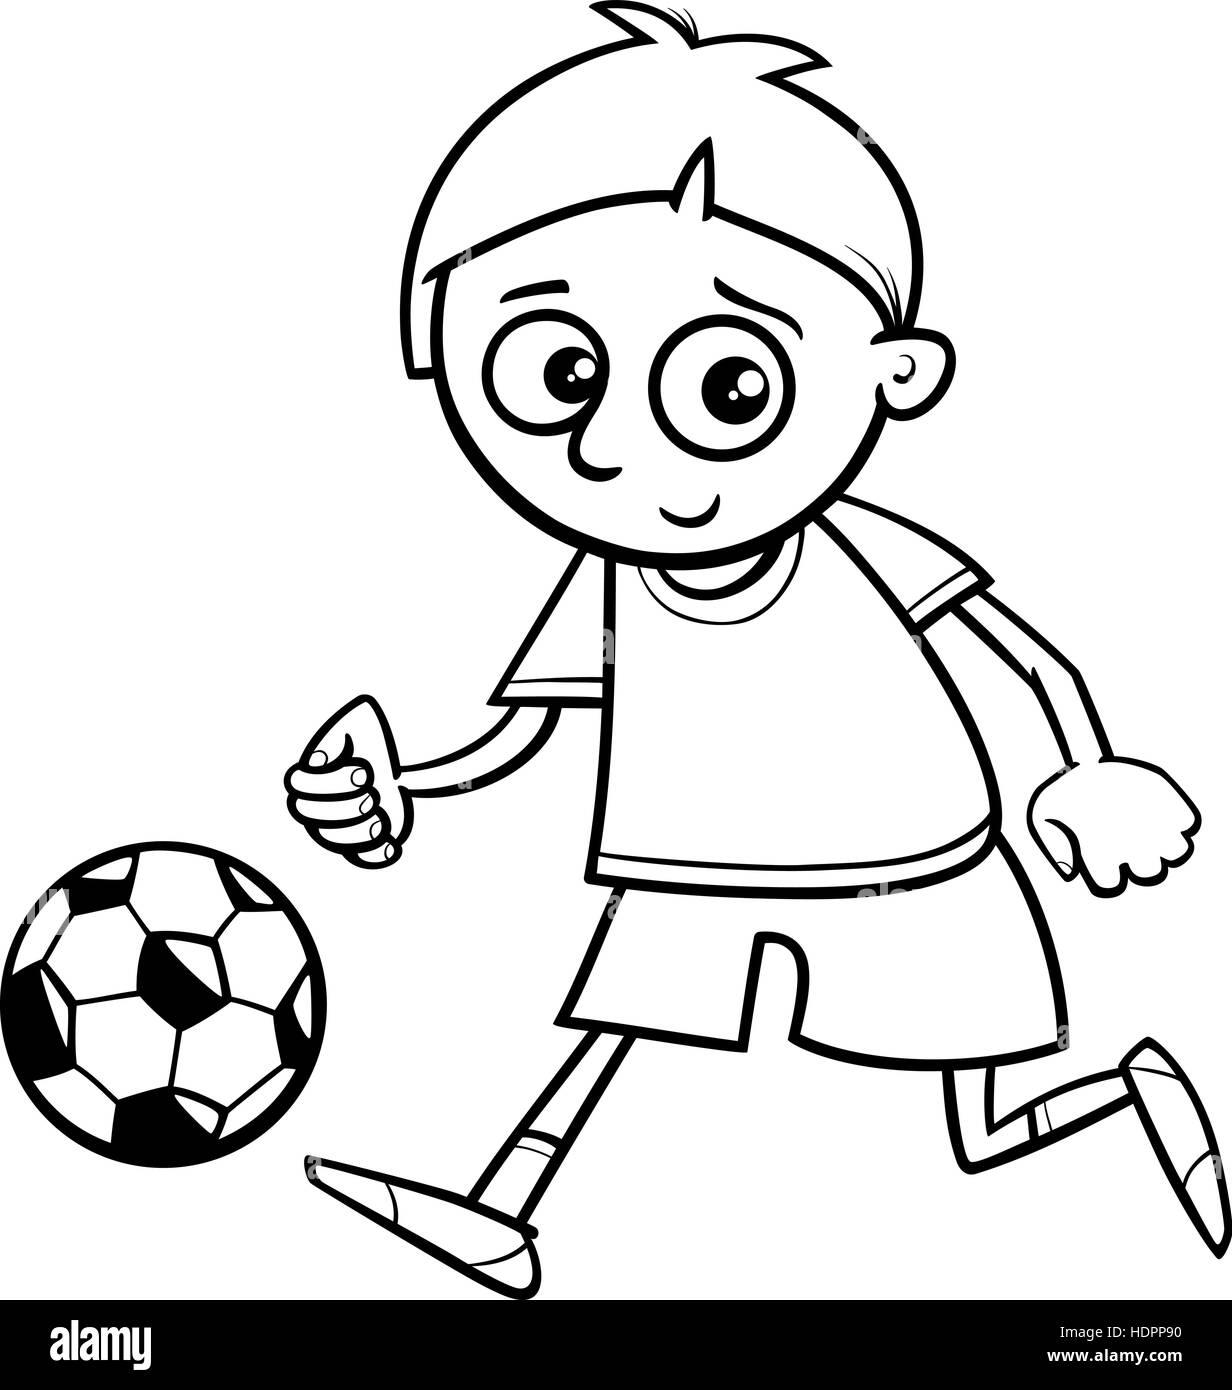 Schwarz / Weiß Cartoon Illustration der jungen spielen Fußball- oder ...